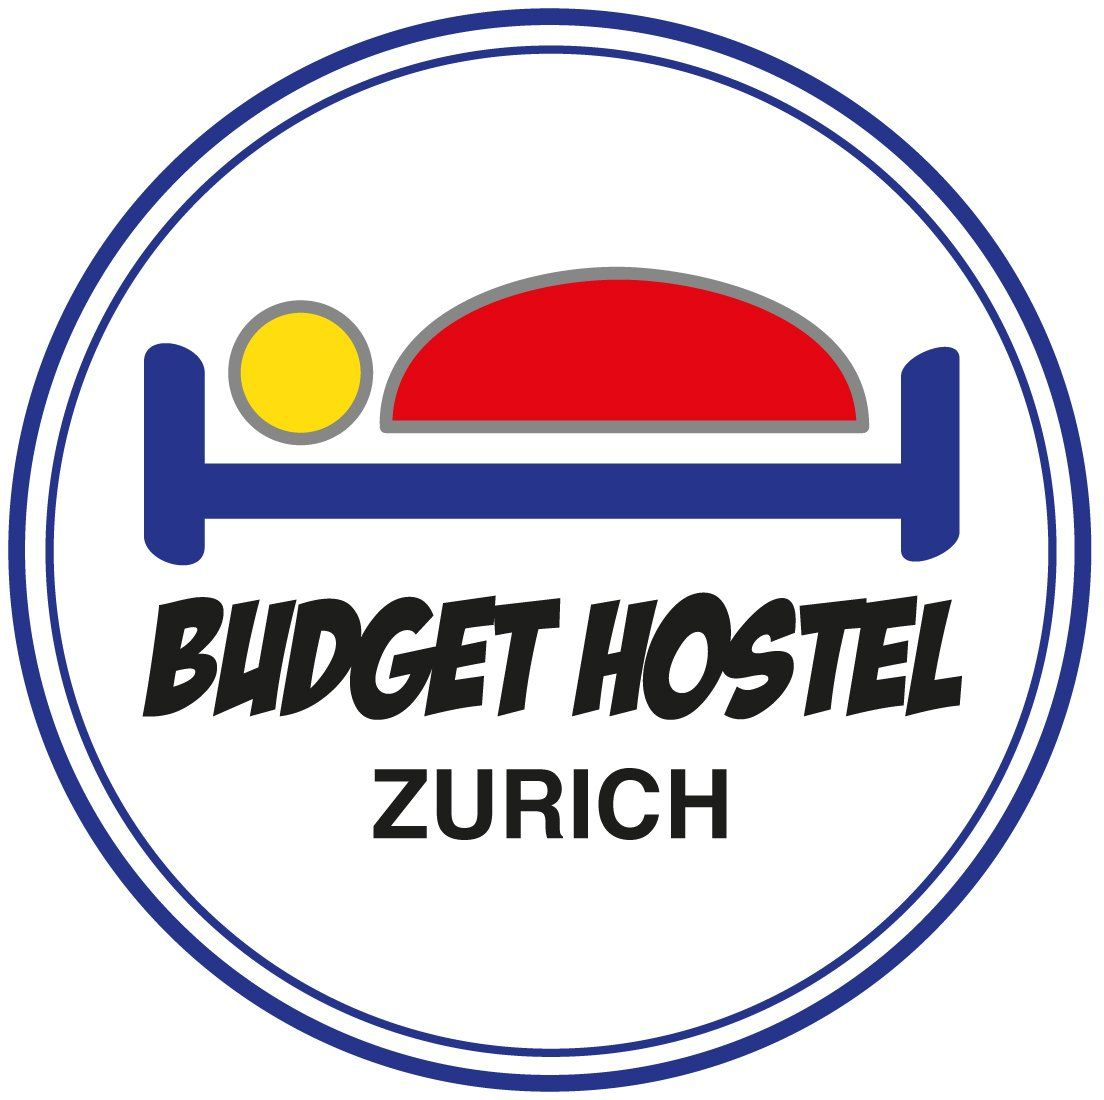 バジェット ホステル チューリッヒ